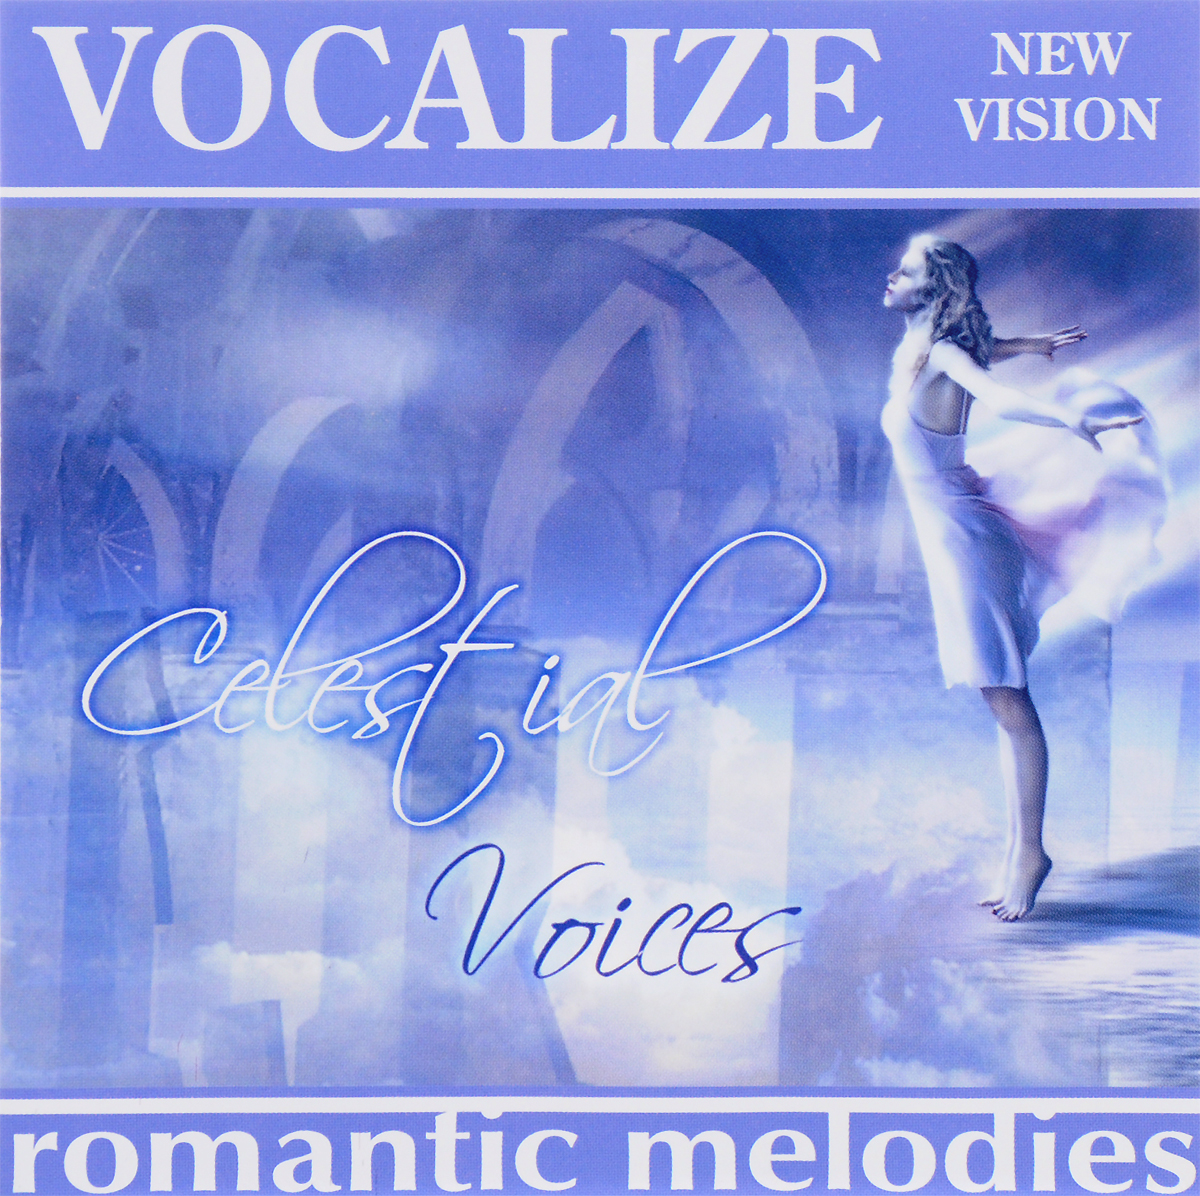 Romantic melodies. Vocalize. Celestial Voices